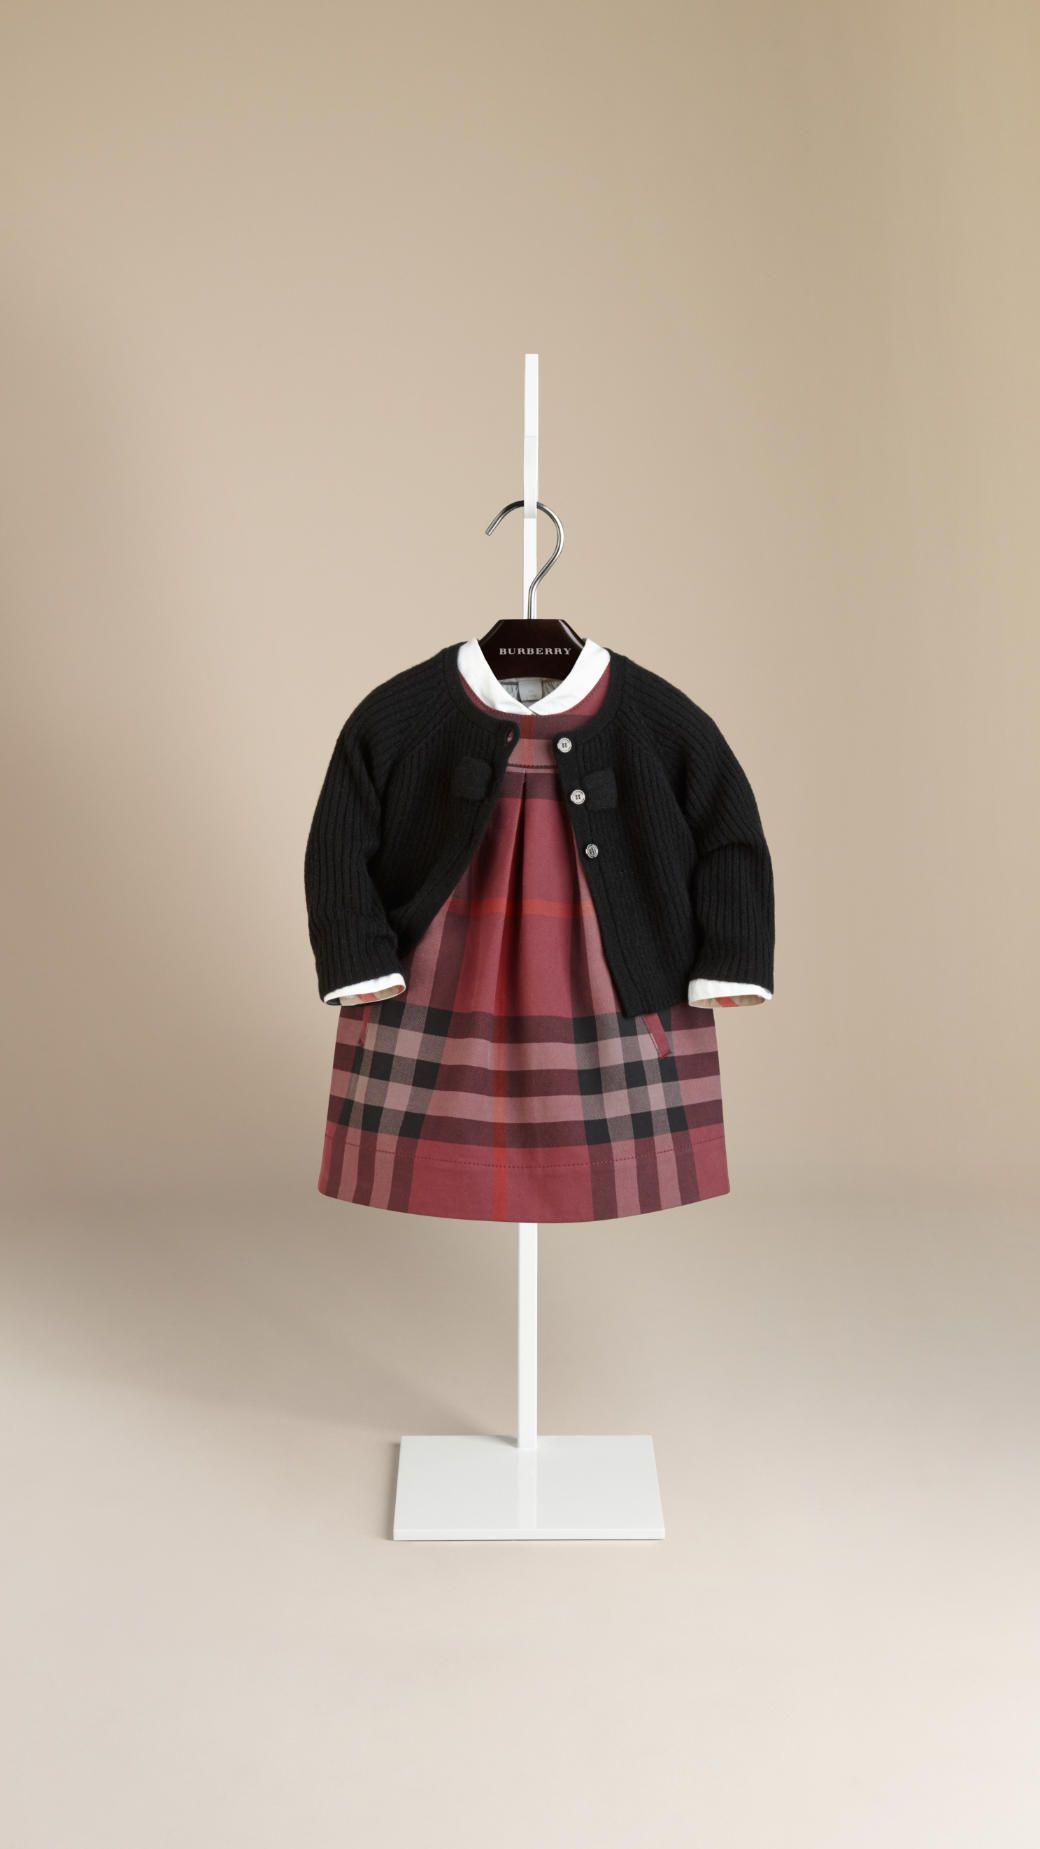 Cardigan En Cachemire Avec Nœud Burberry Style Petite Fille Vetements Filles Robe Petite Fille